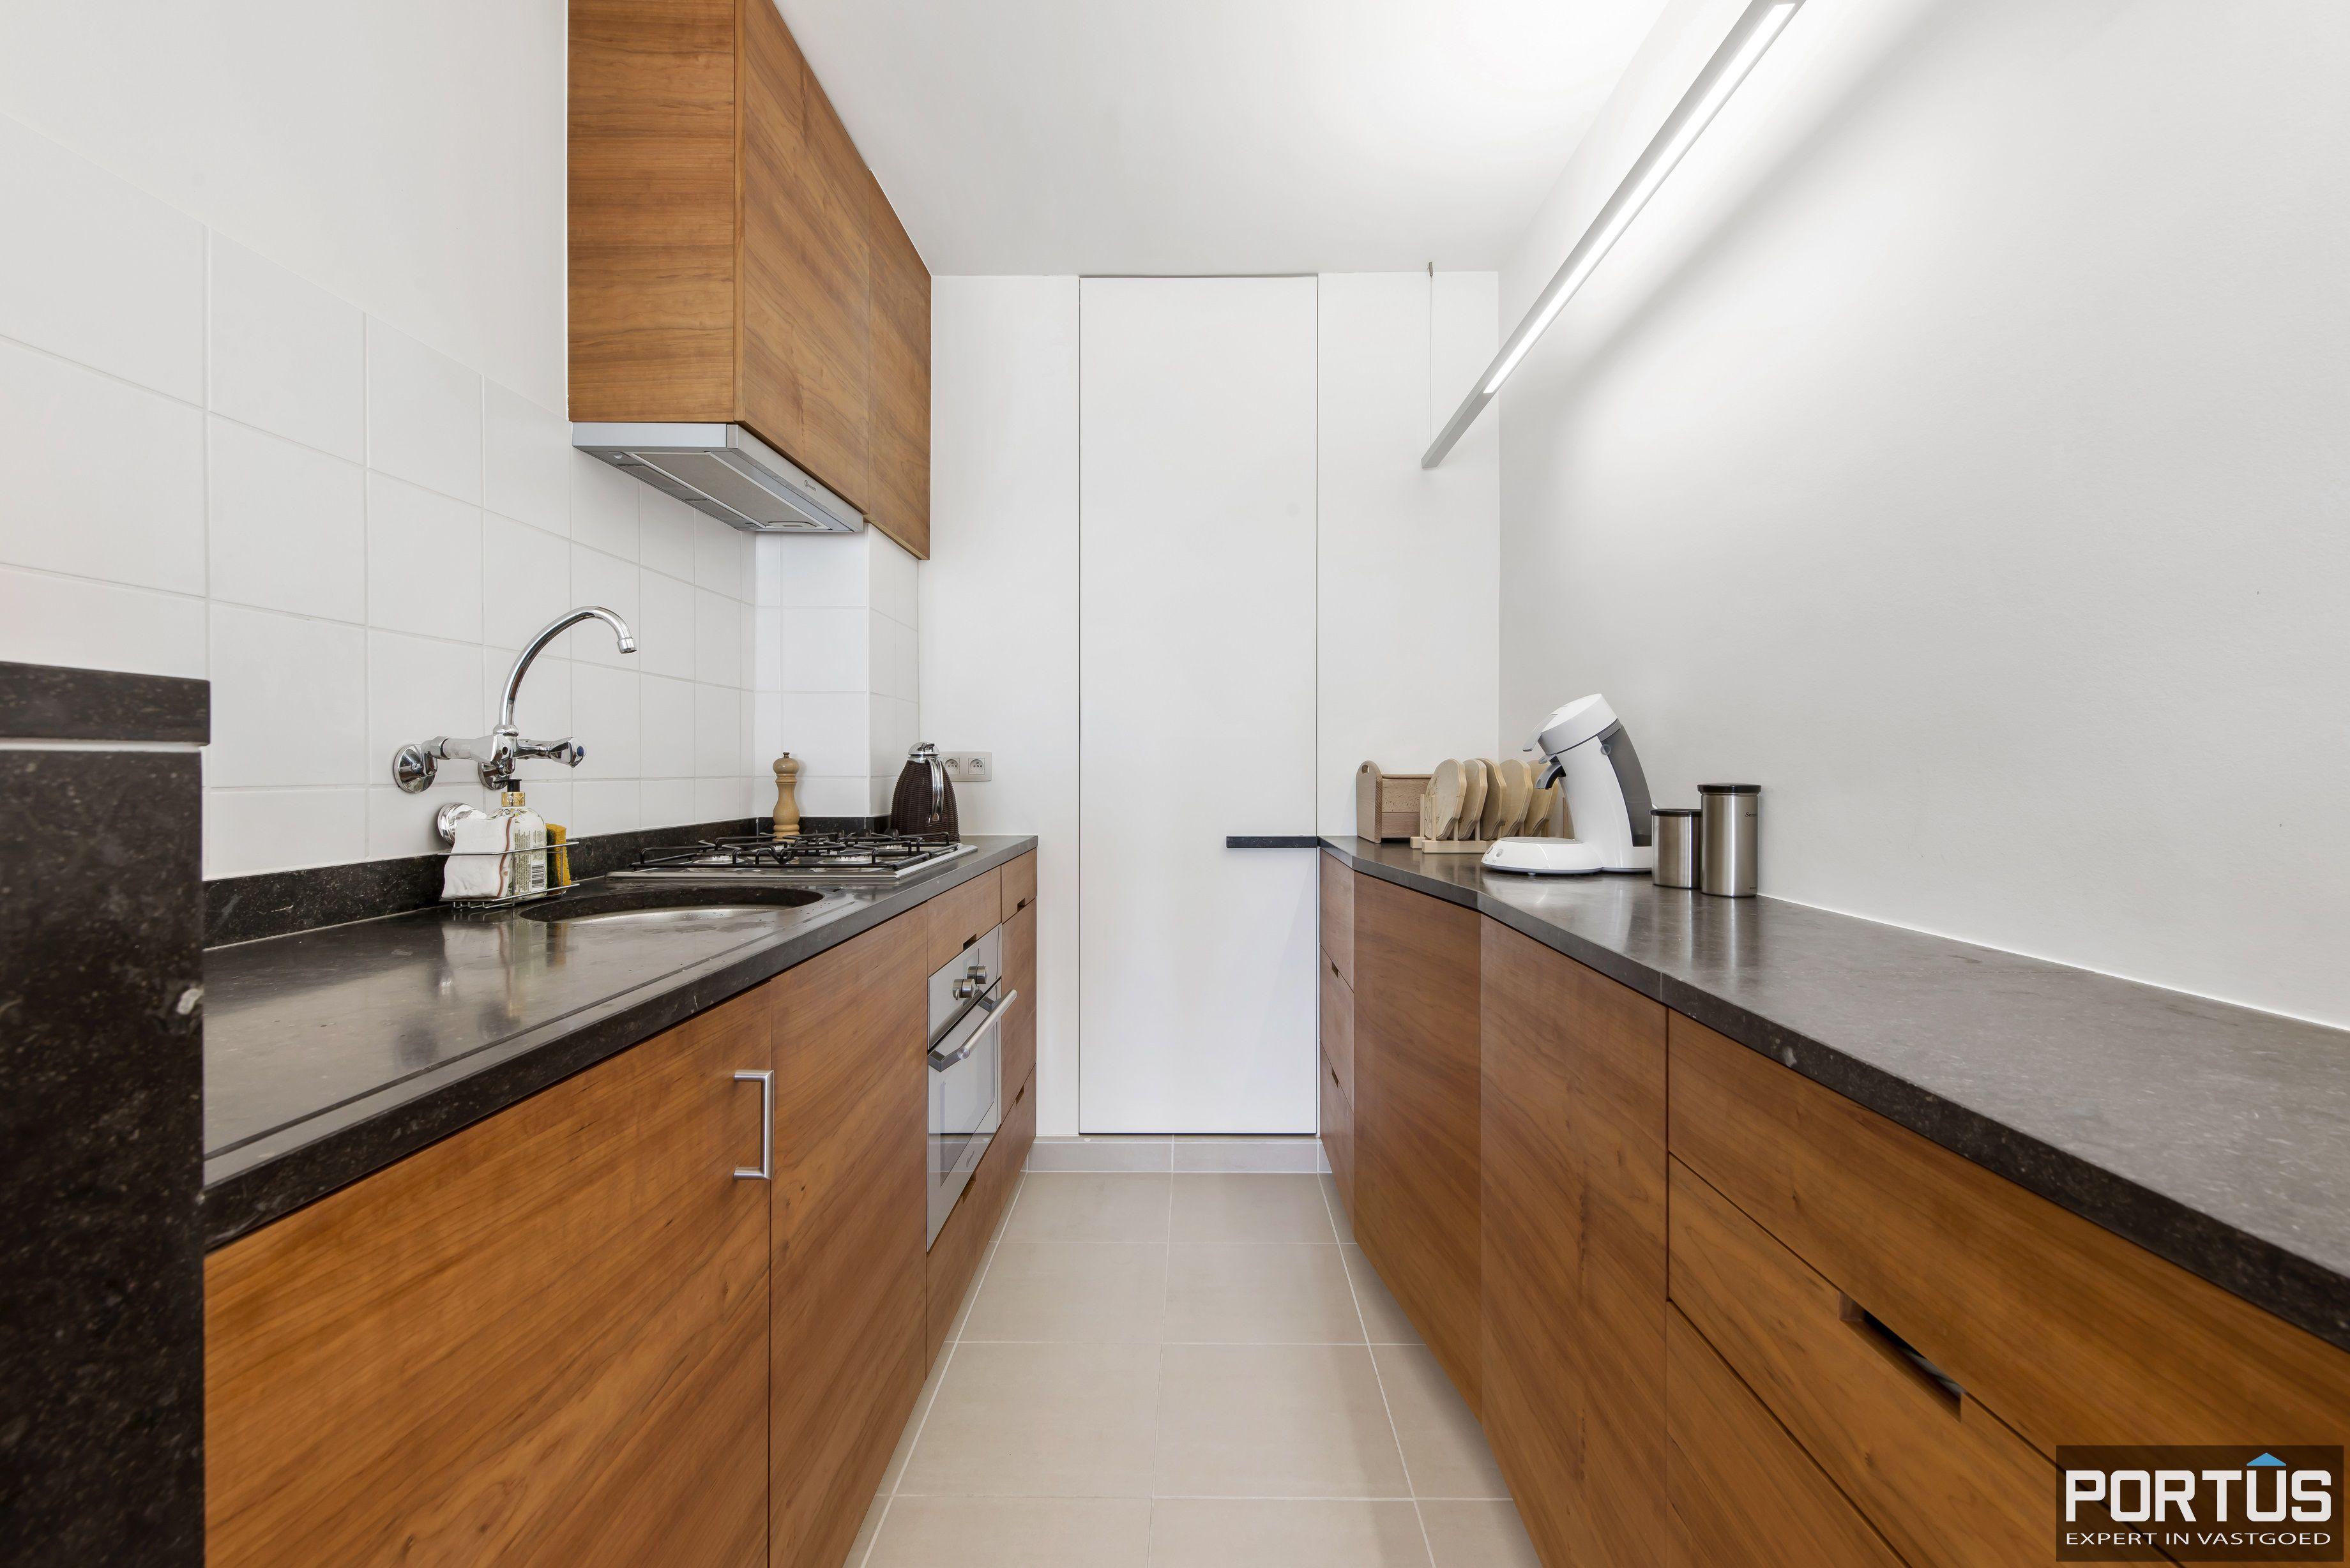 Appartement met 2 slaapkamers en frontaal zeezicht te koop Nieuwpoort - 9775